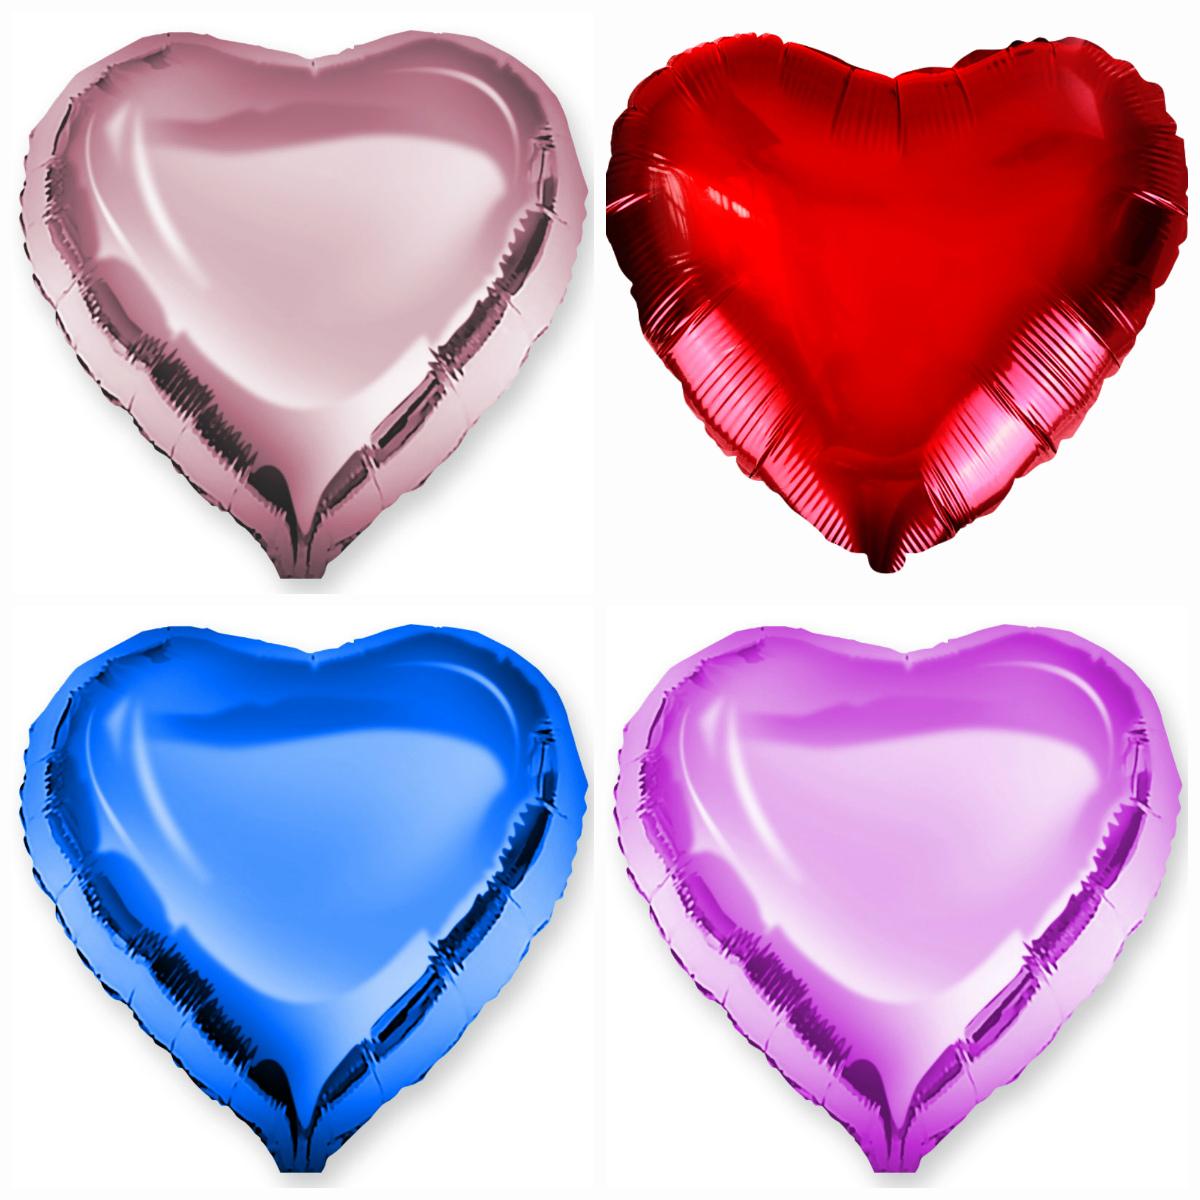 Недорогие шары в форме сердца